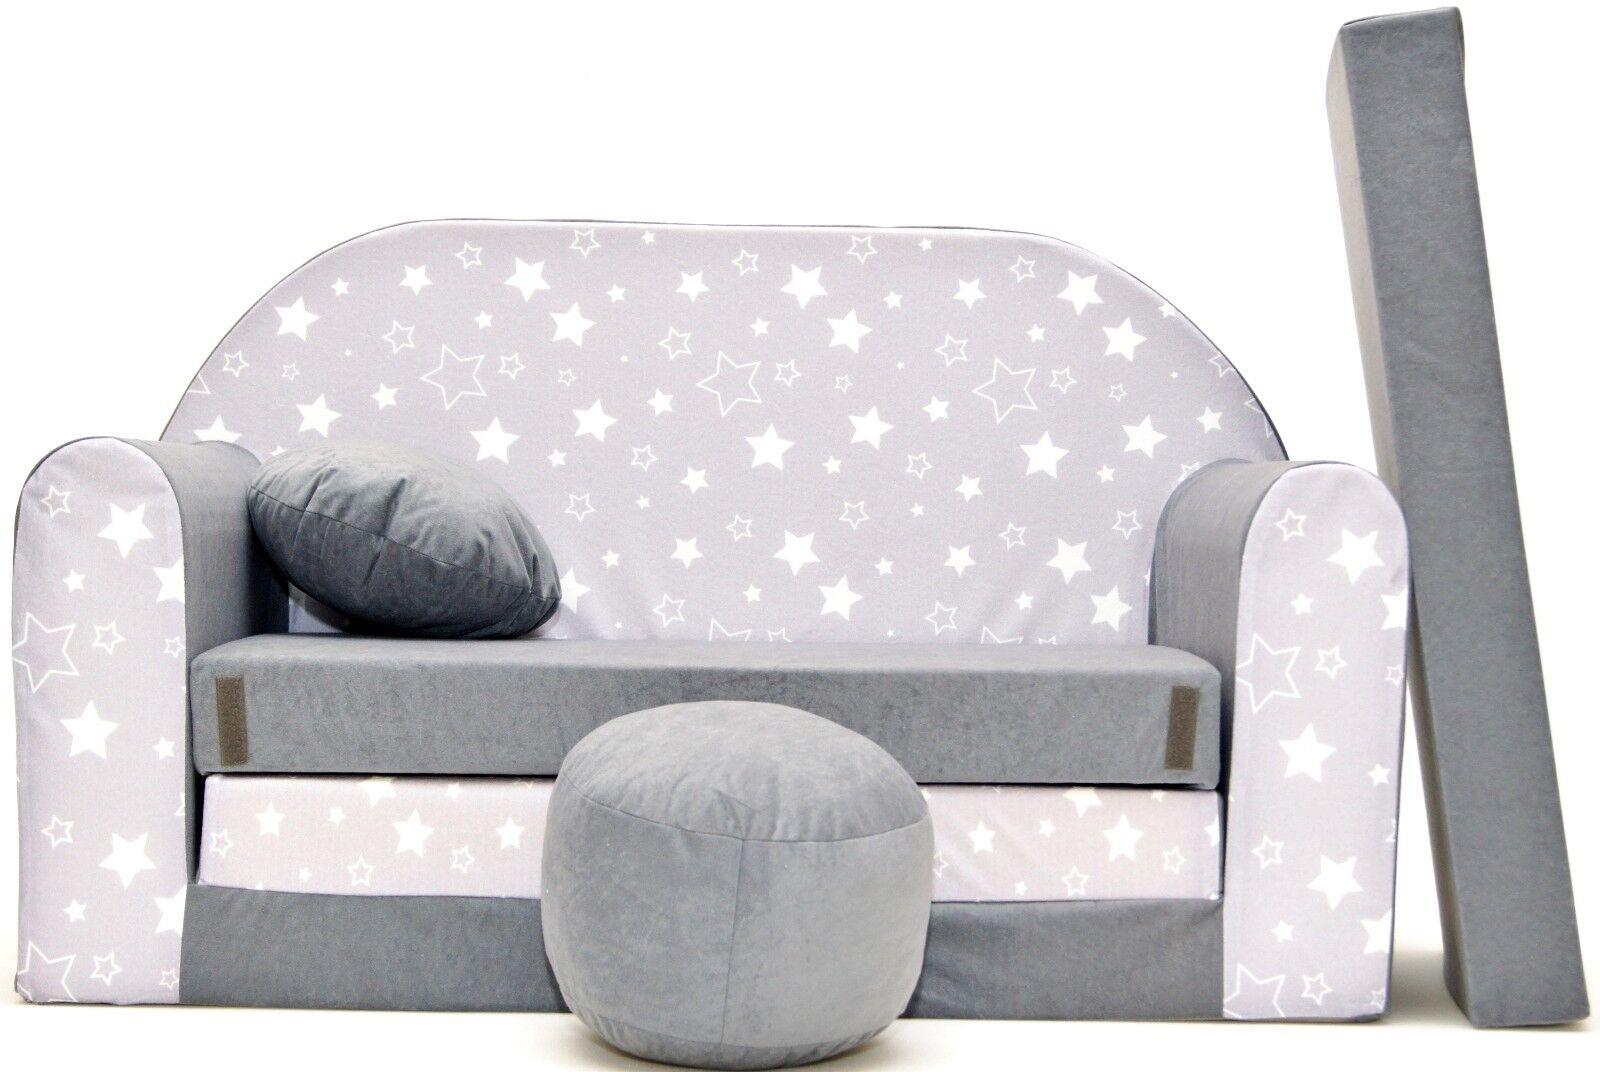 Nouvelles couleurs pour enfants Canapé mousse Lit Enfants Canapé Pouffe + oreiller jouant canapé JOUET